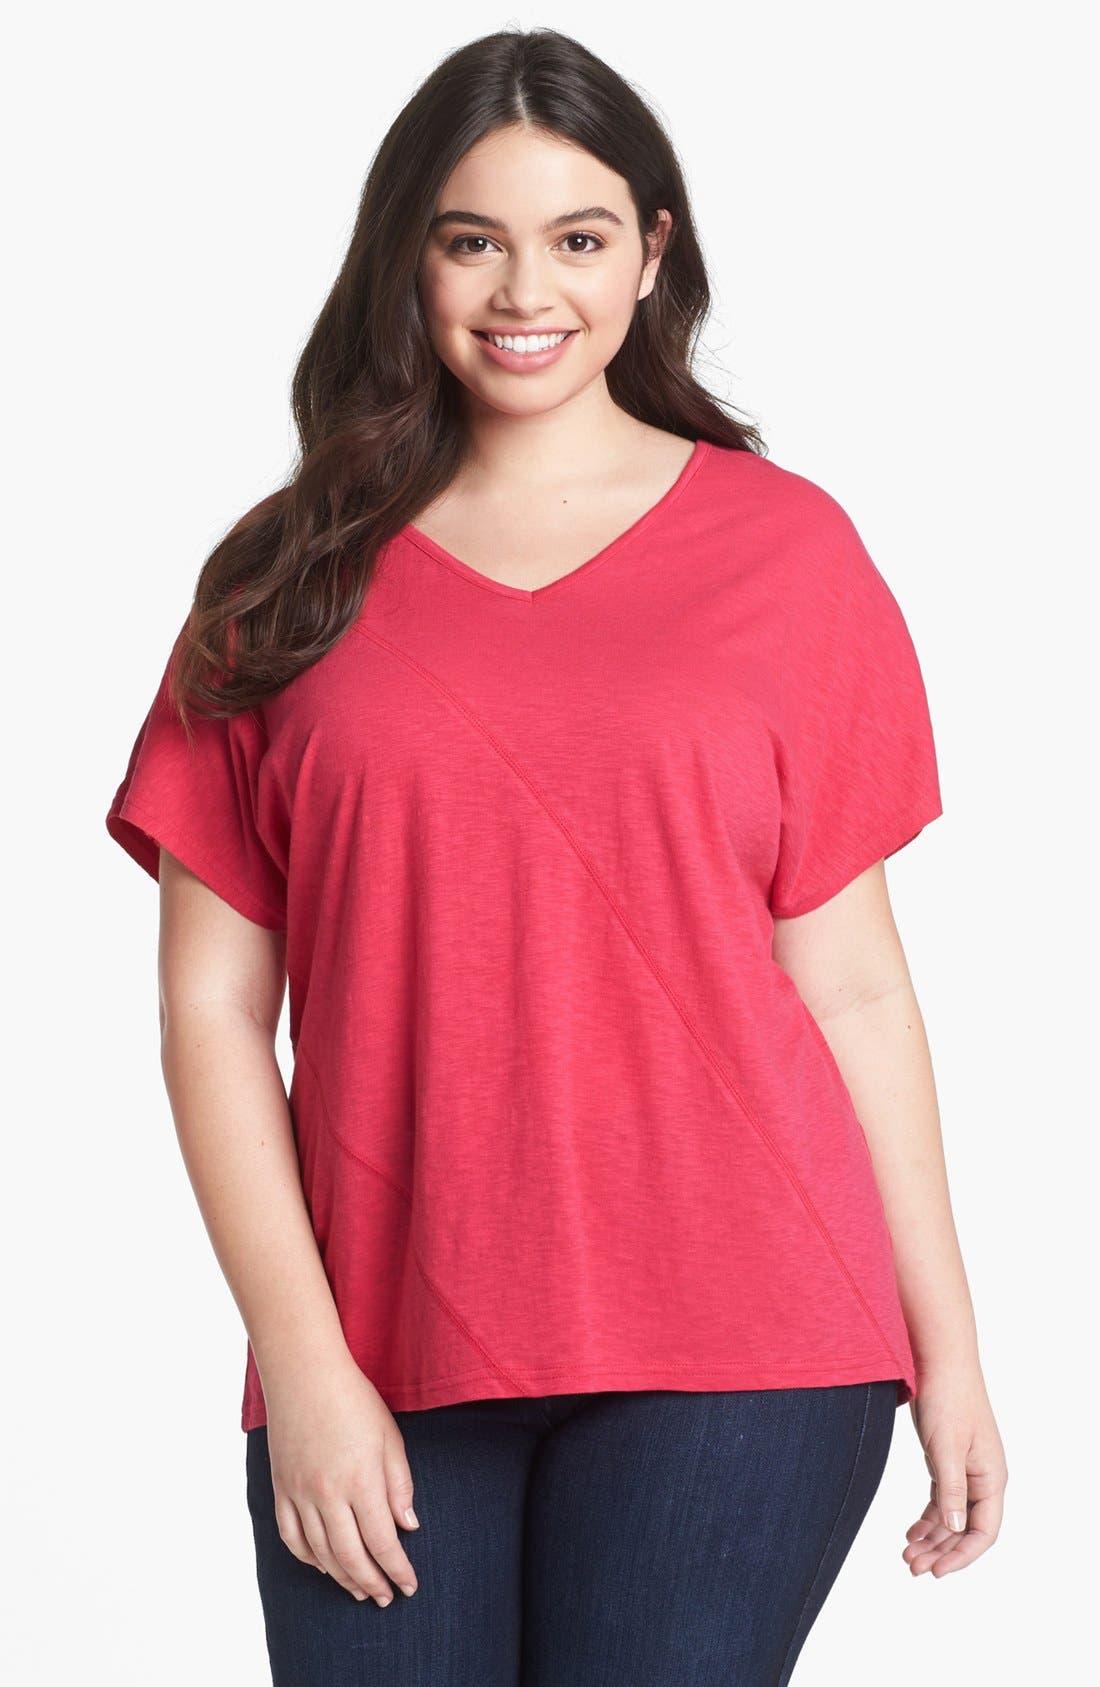 Alternate Image 1 Selected - Sejour Slubbed Cotton Top (Plus Size)